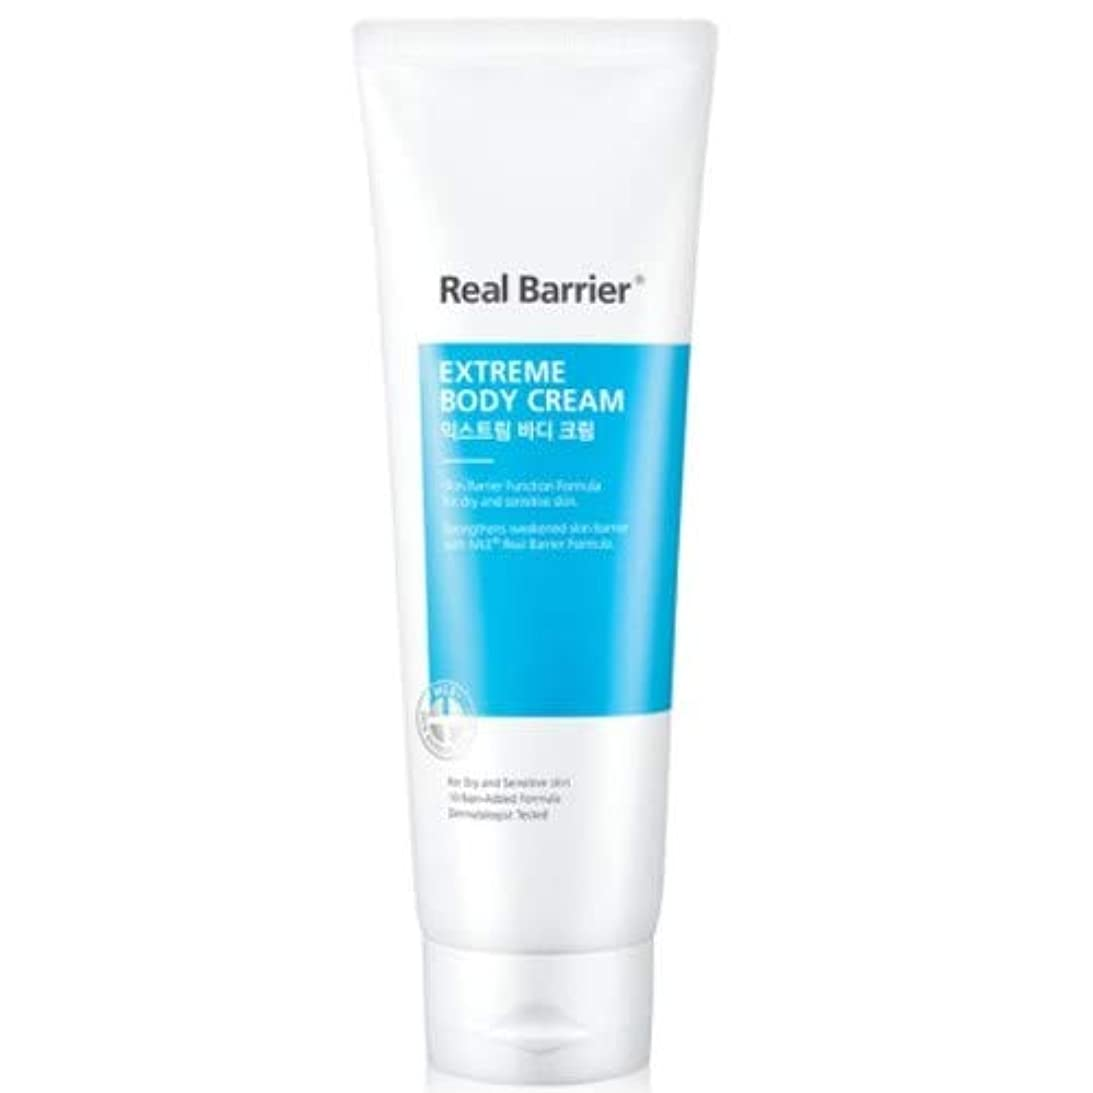 不良品かもしれないブラウンATOPALM Real Barrier?エクストリームボディークリーム250g / ATOPALM Real Barrier Extreme Body Cream [並行輸入品]